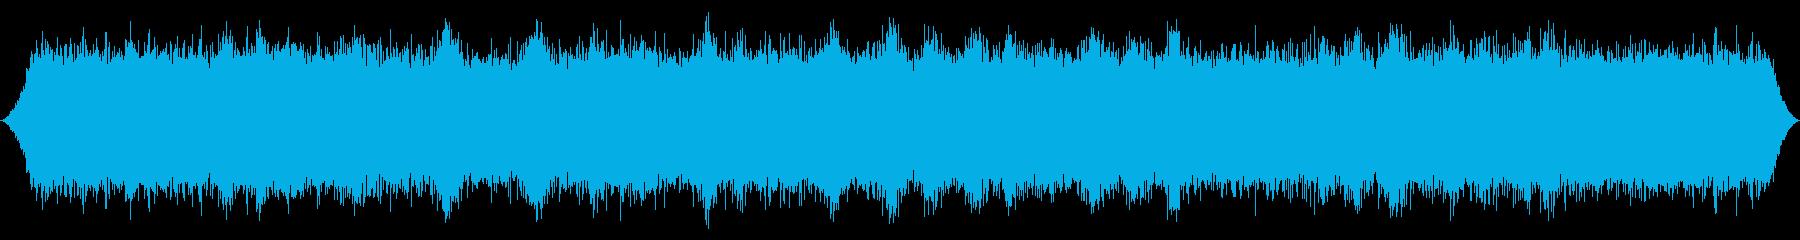 ヘビーウィンド:コンスタントブラス...の再生済みの波形